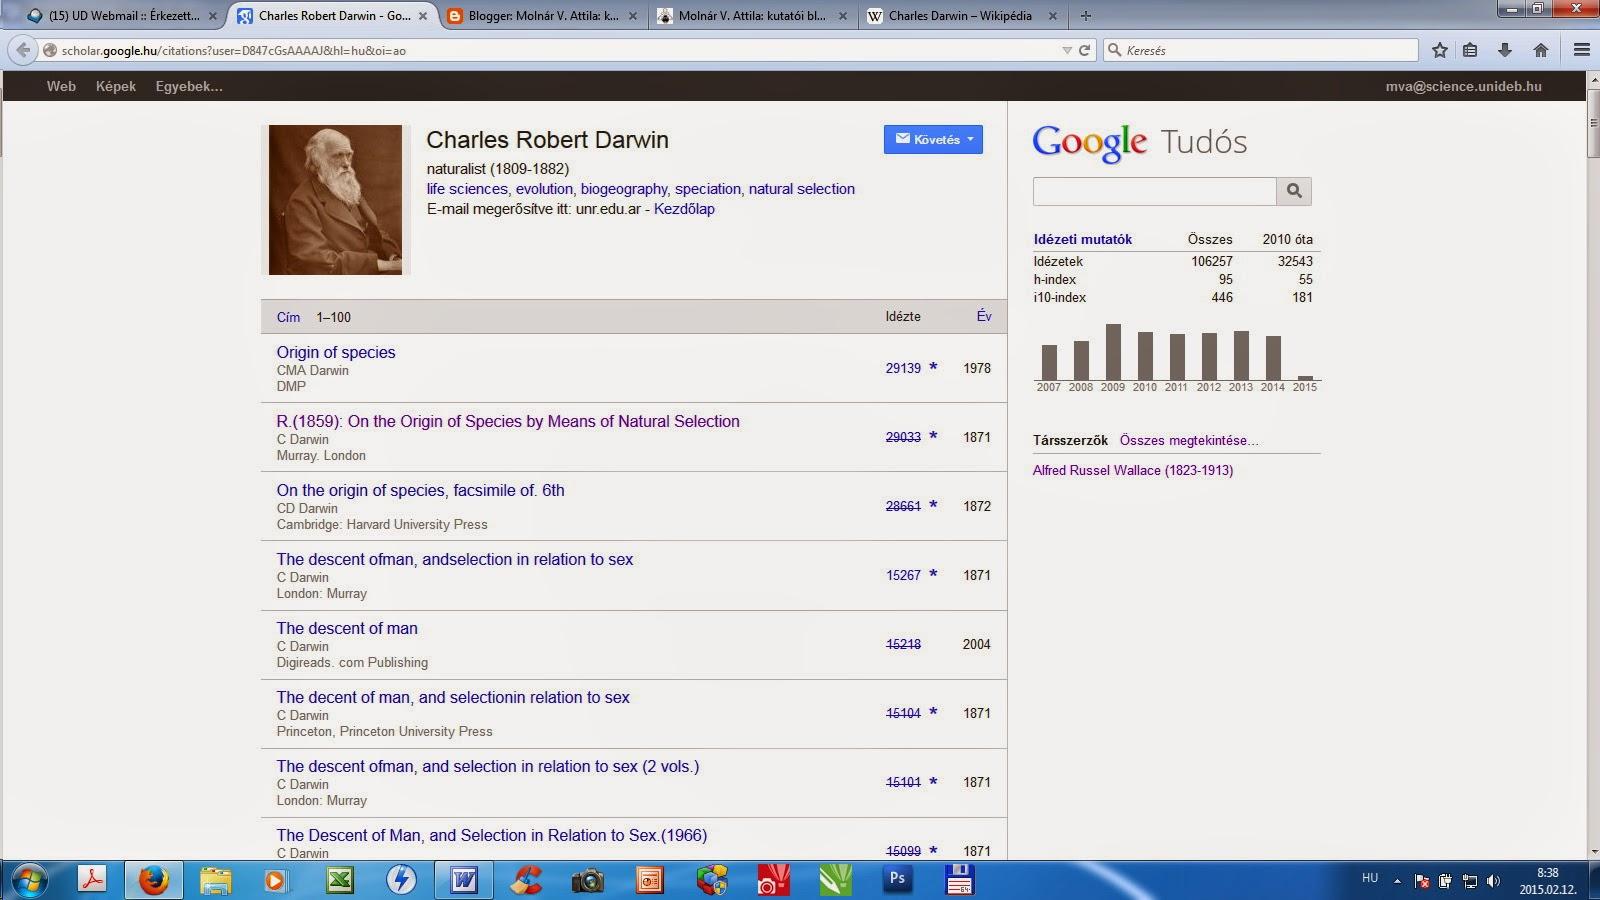 http://scholar.google.hu/citations?user=D847cGsAAAAJ&hl=hu&oi=ao